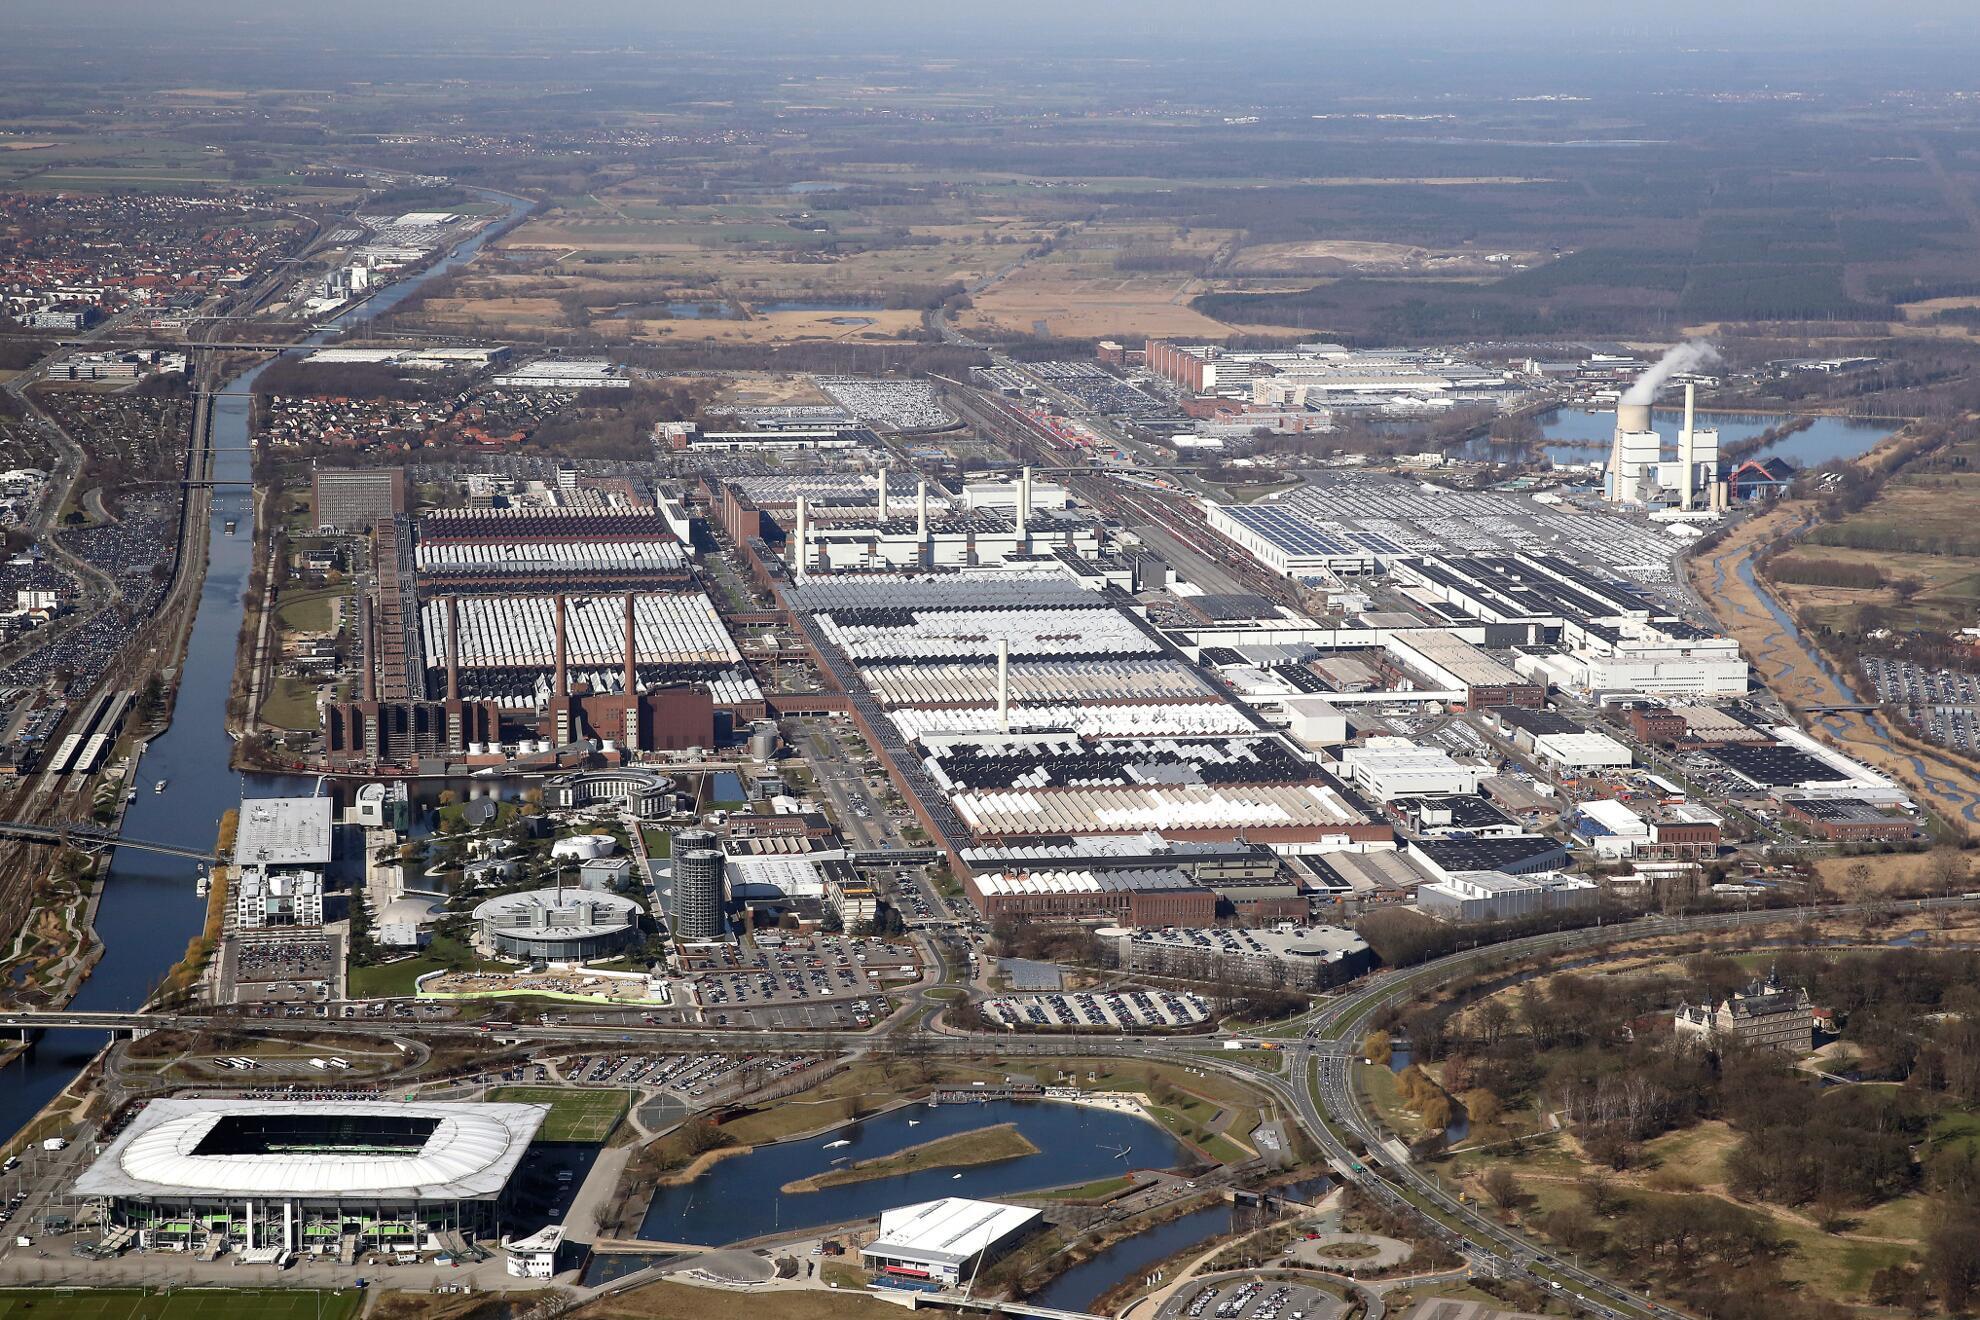 Volkswagen Werk Wolfsburg 2013 Luftaufnahme